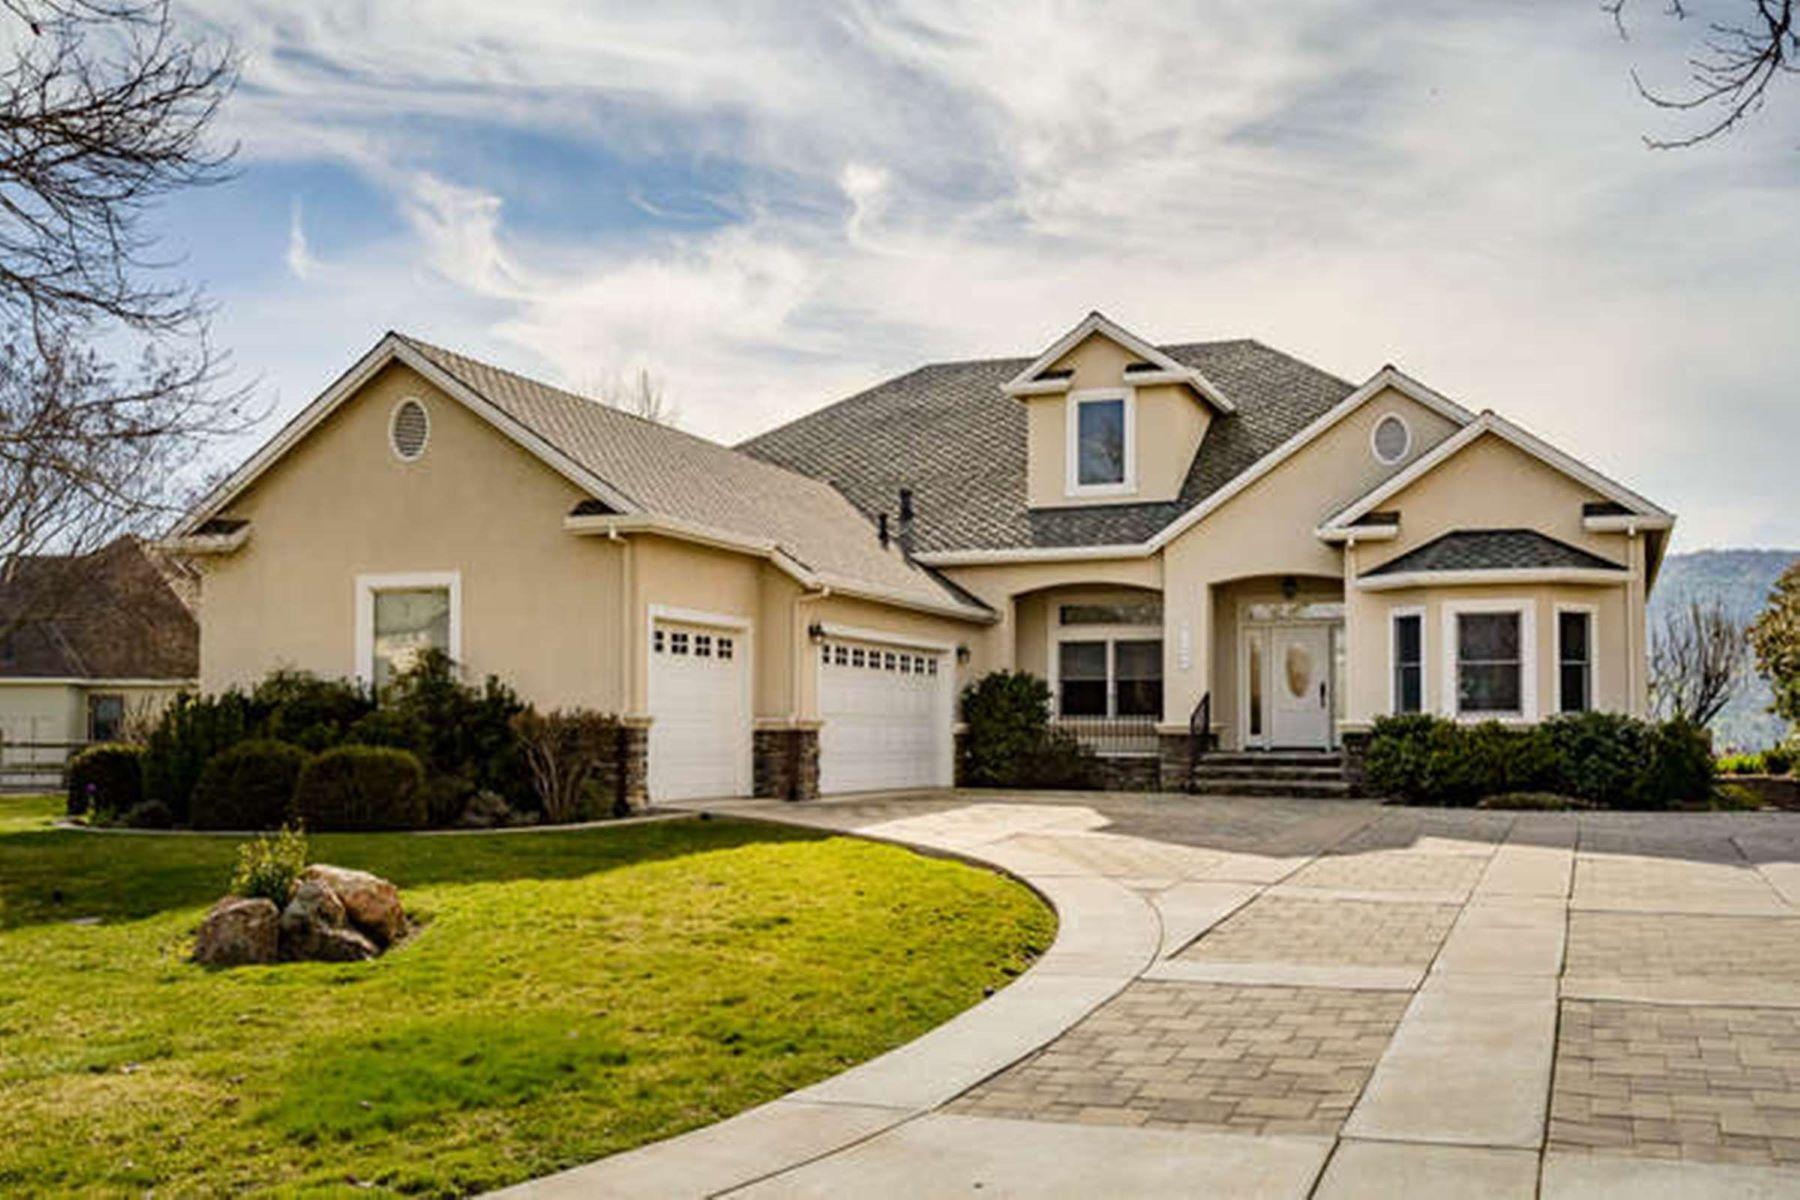 一戸建て のために 売買 アット 2100 Oak Creek Drive Copperopolis, カリフォルニア 95228 アメリカ合衆国